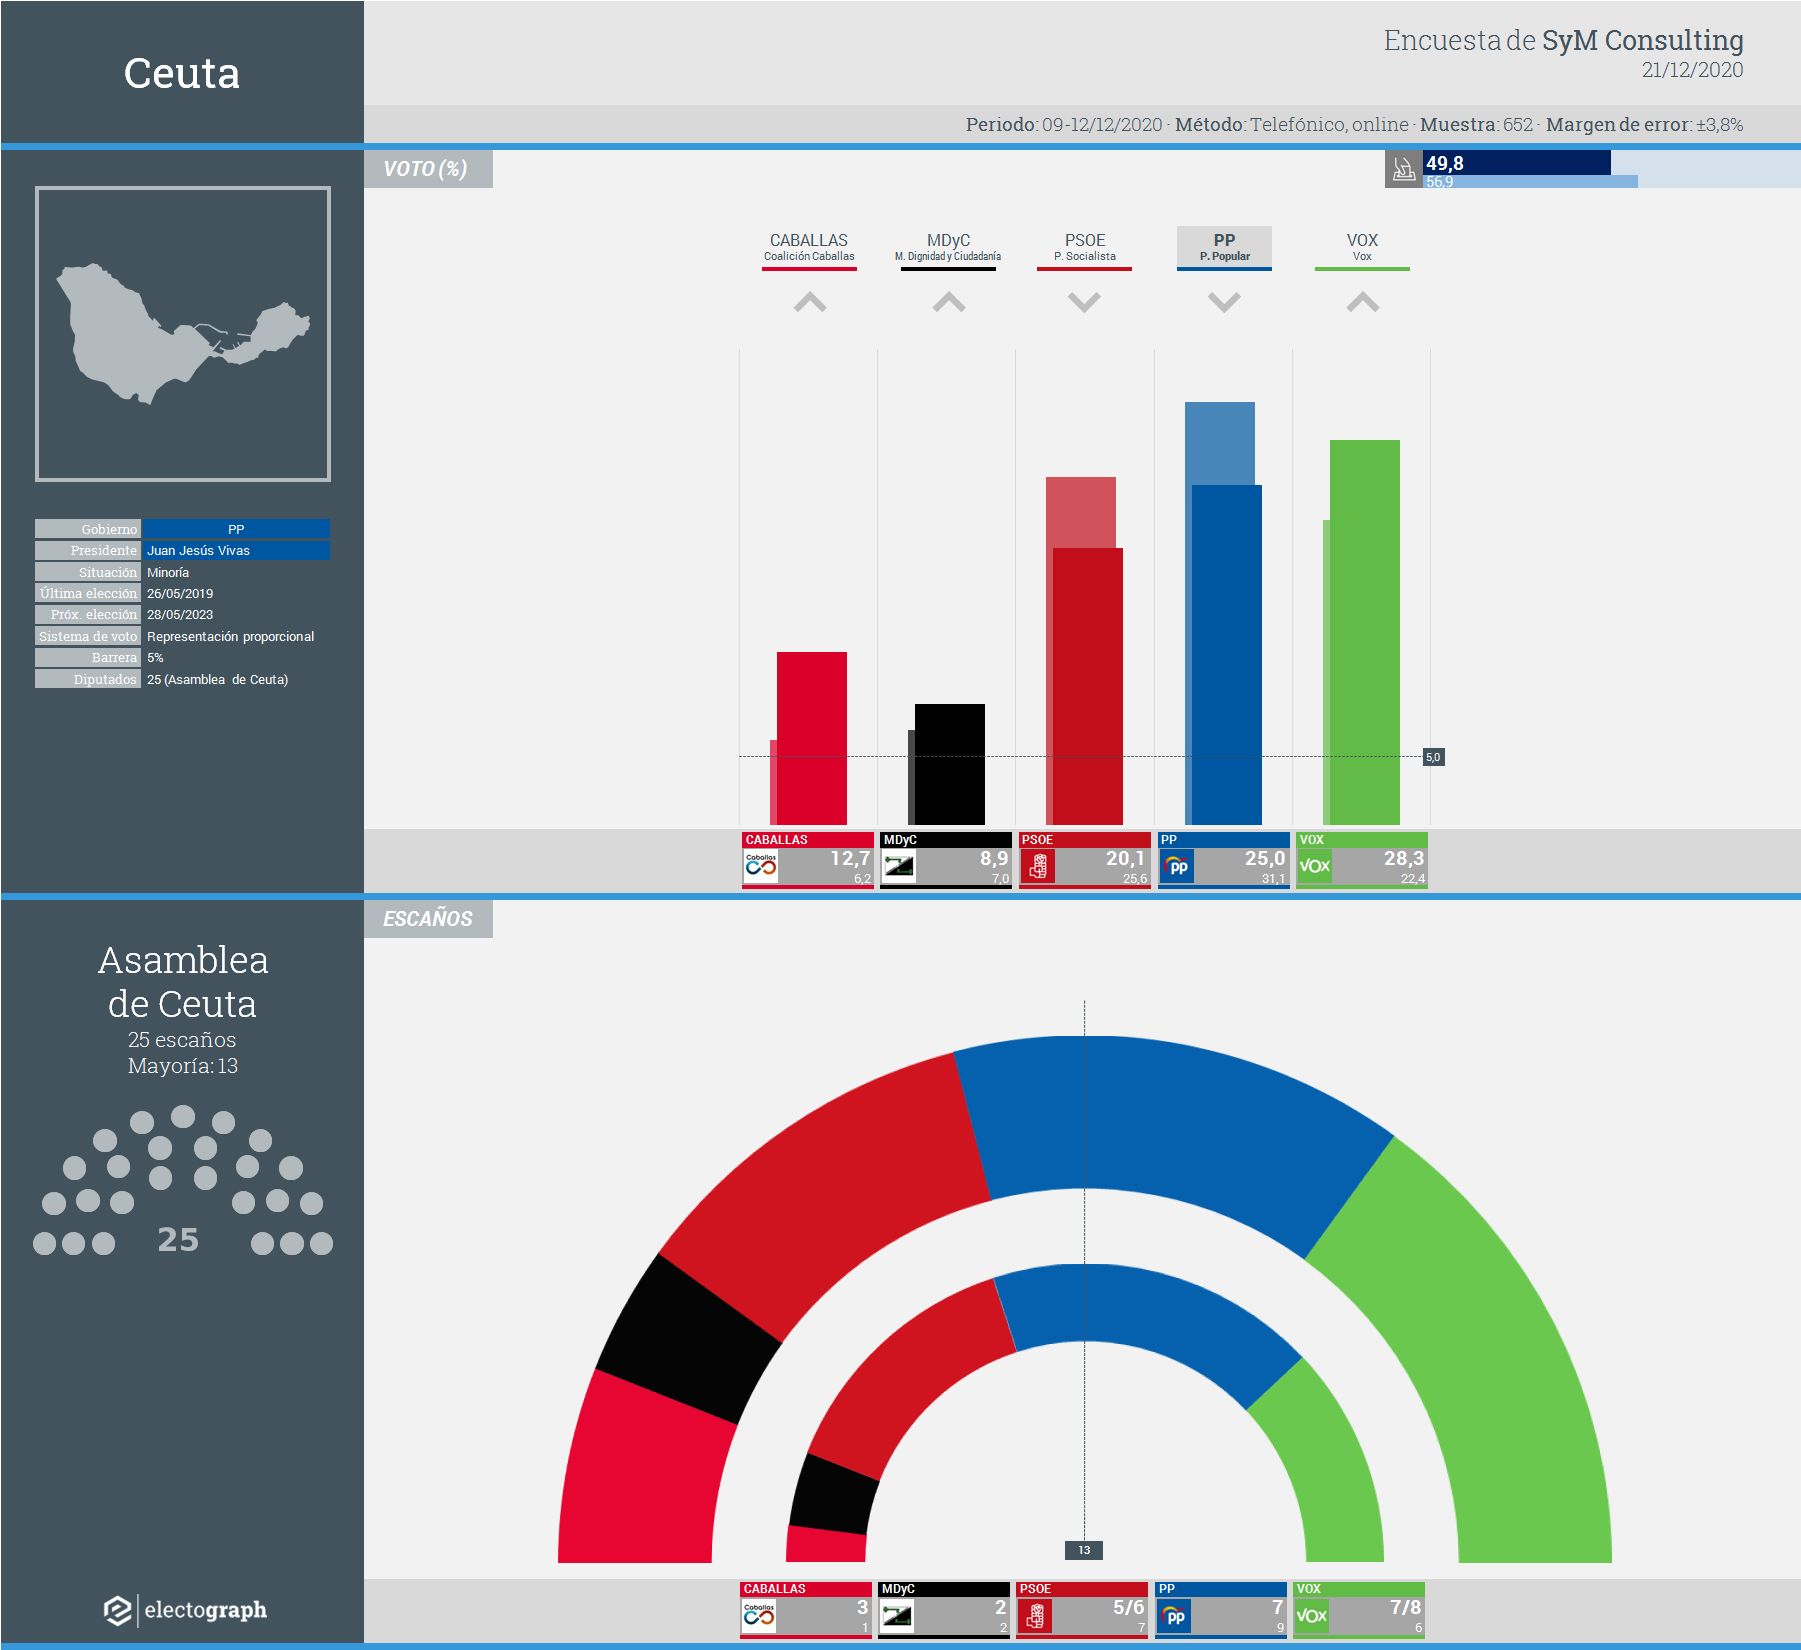 Gráfico de la encuesta para elecciones autonómicas en Ceuta realizada por SyM Consulting, 21 de diciembre de 2020